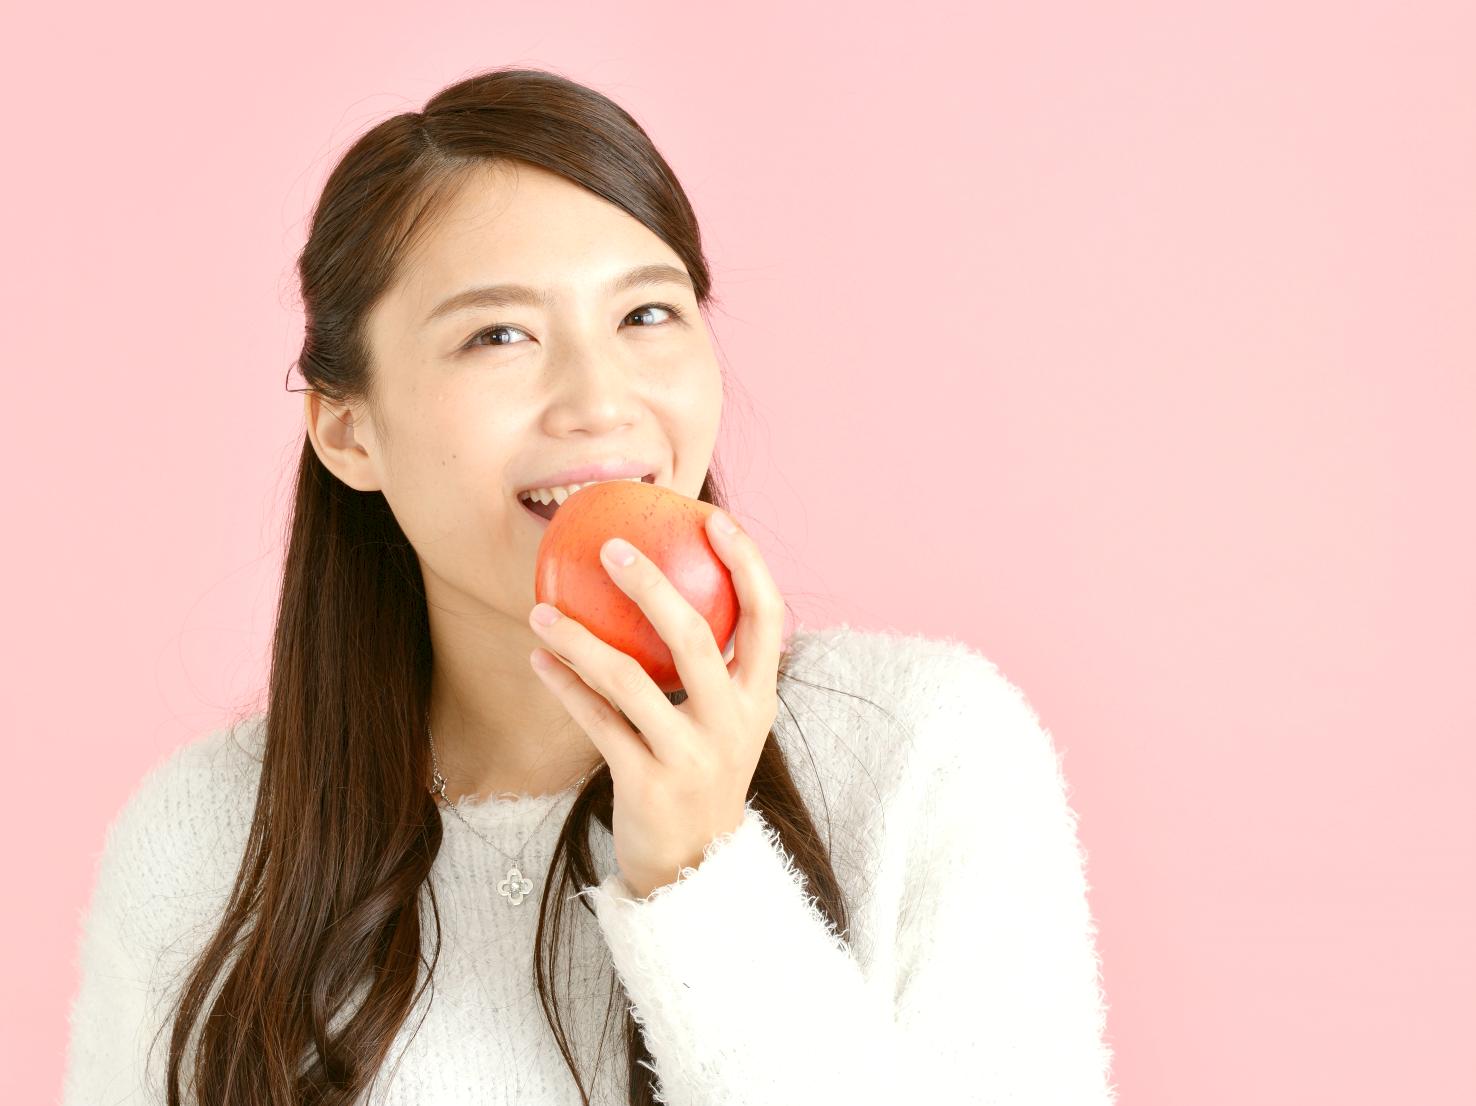 バストアップのために摂りたい食べ物と栄養素とは?